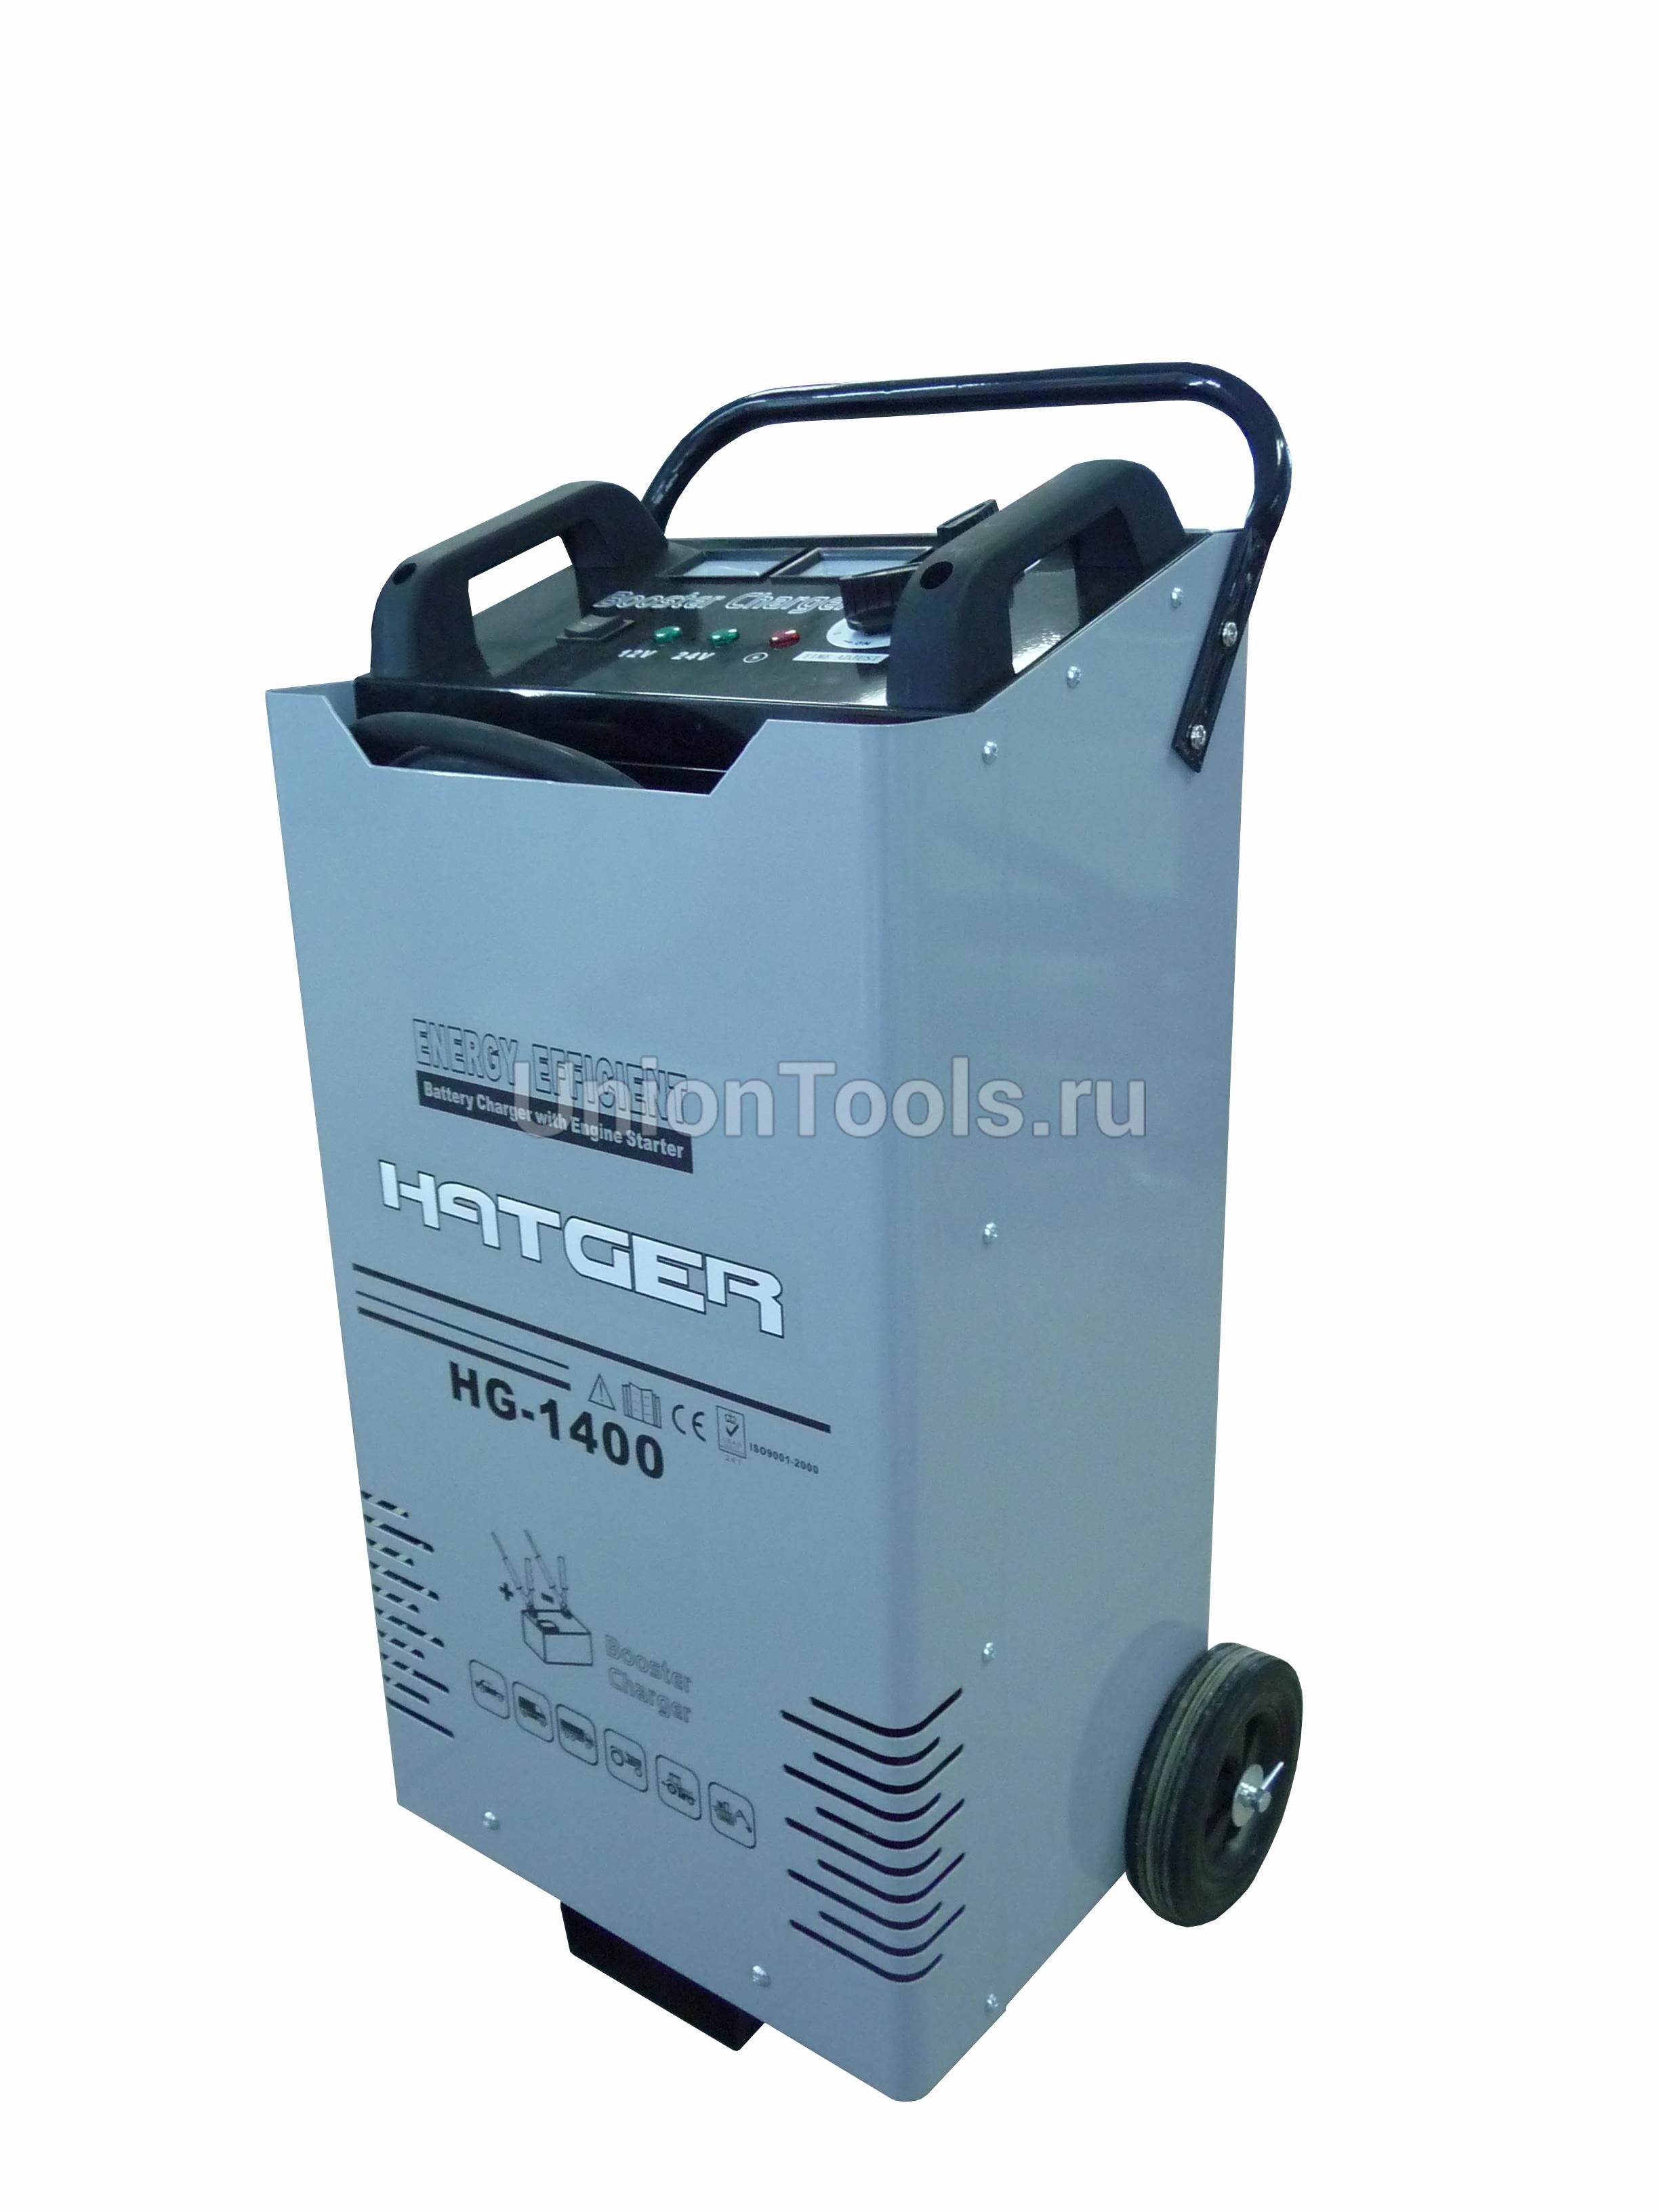 Пуско-зарядное устройство HG-1400